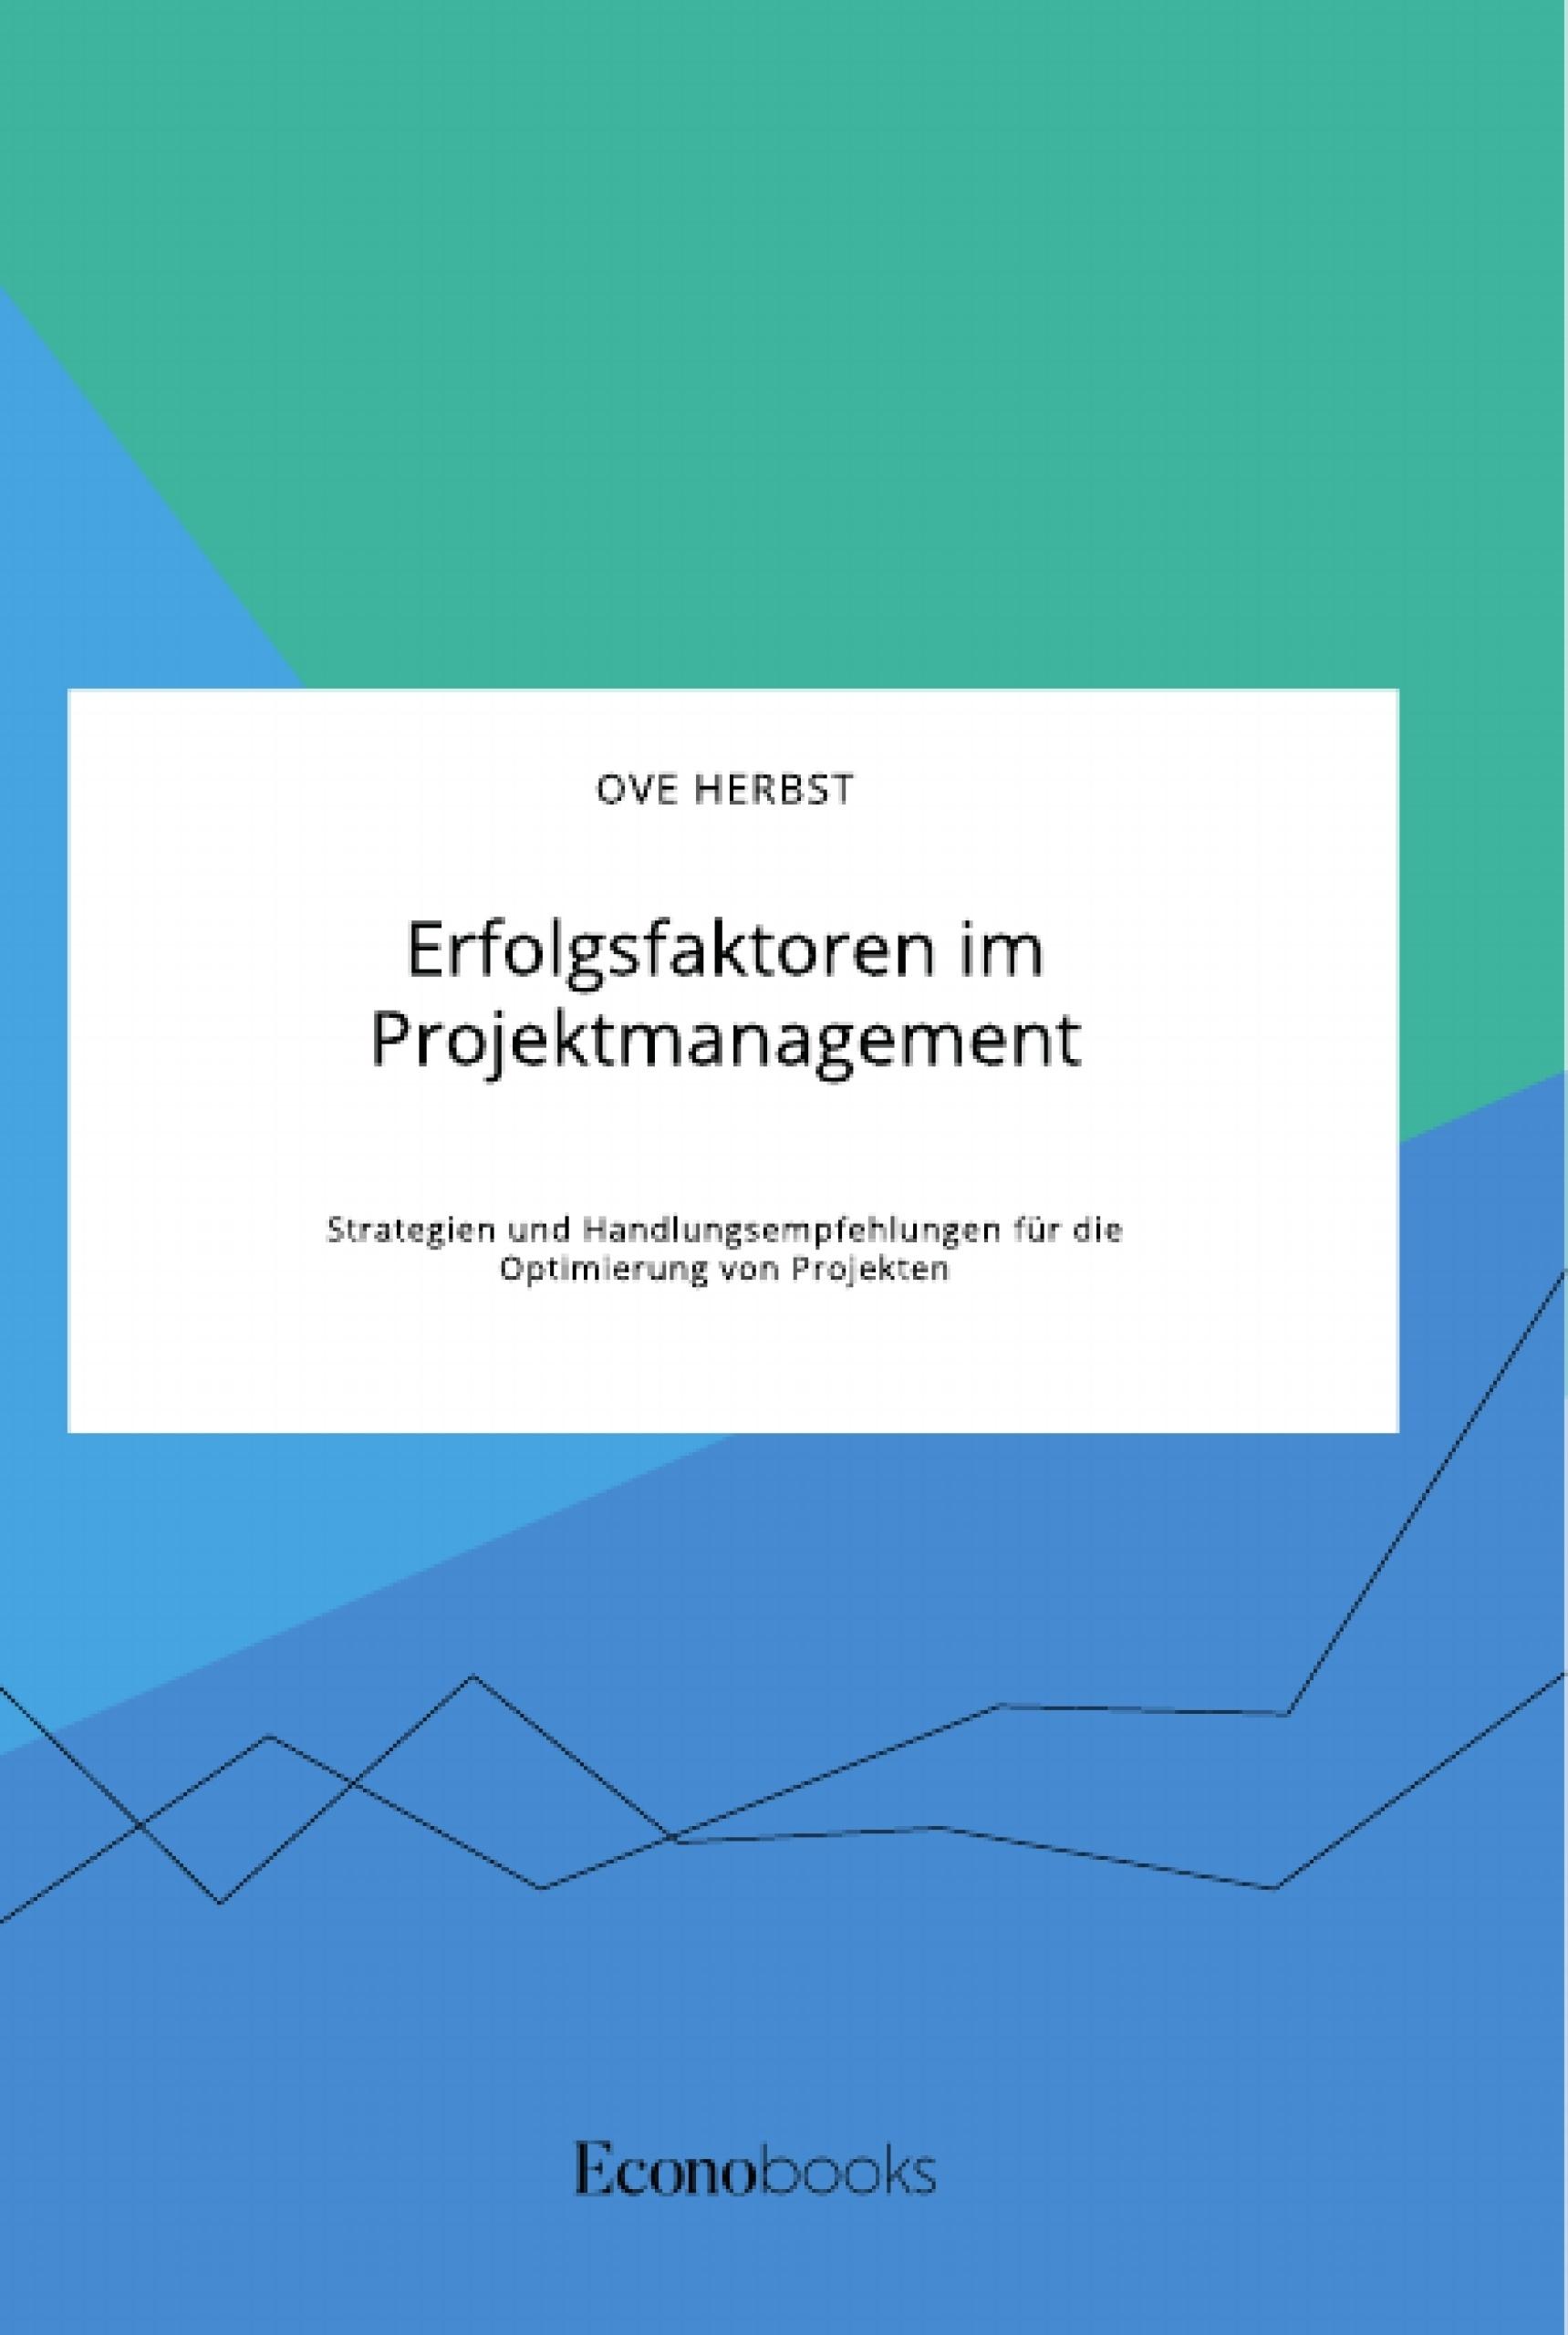 Titel: Erfolgsfaktoren im Projektmanagement. Strategien und Handlungsempfehlungen für die Optimierung von Projekten